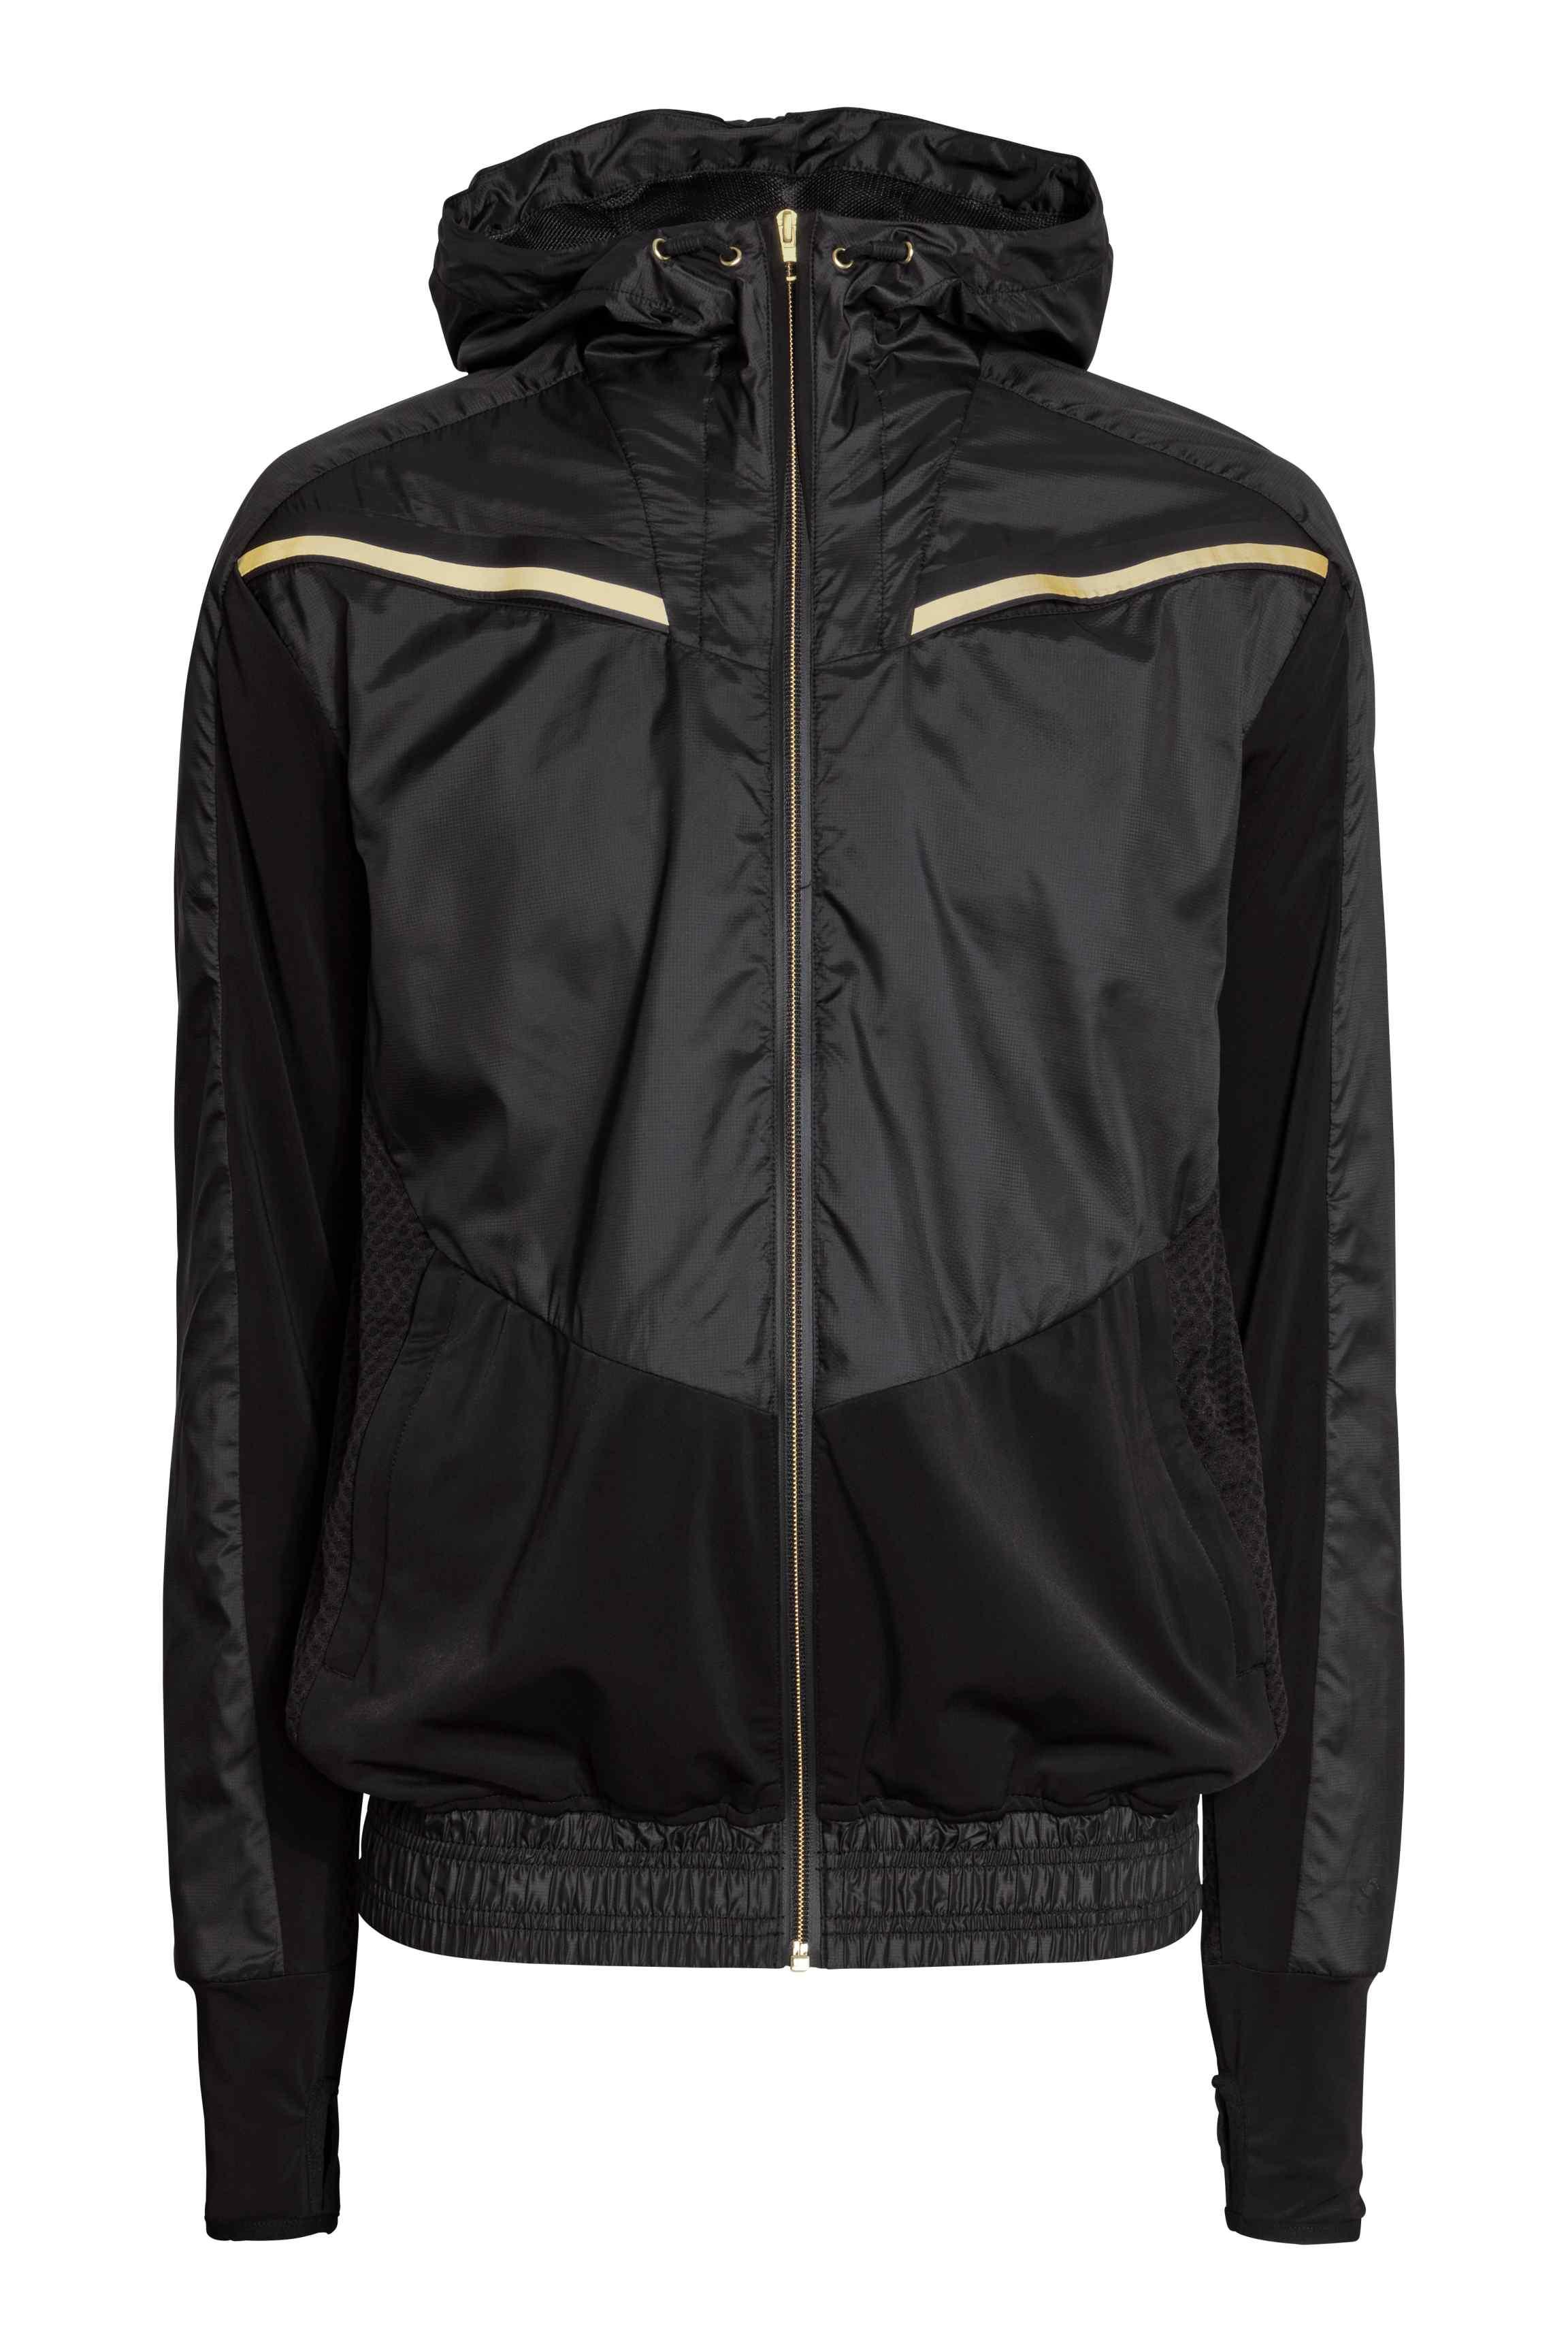 Running jacket, £39.99 ( hm.com )